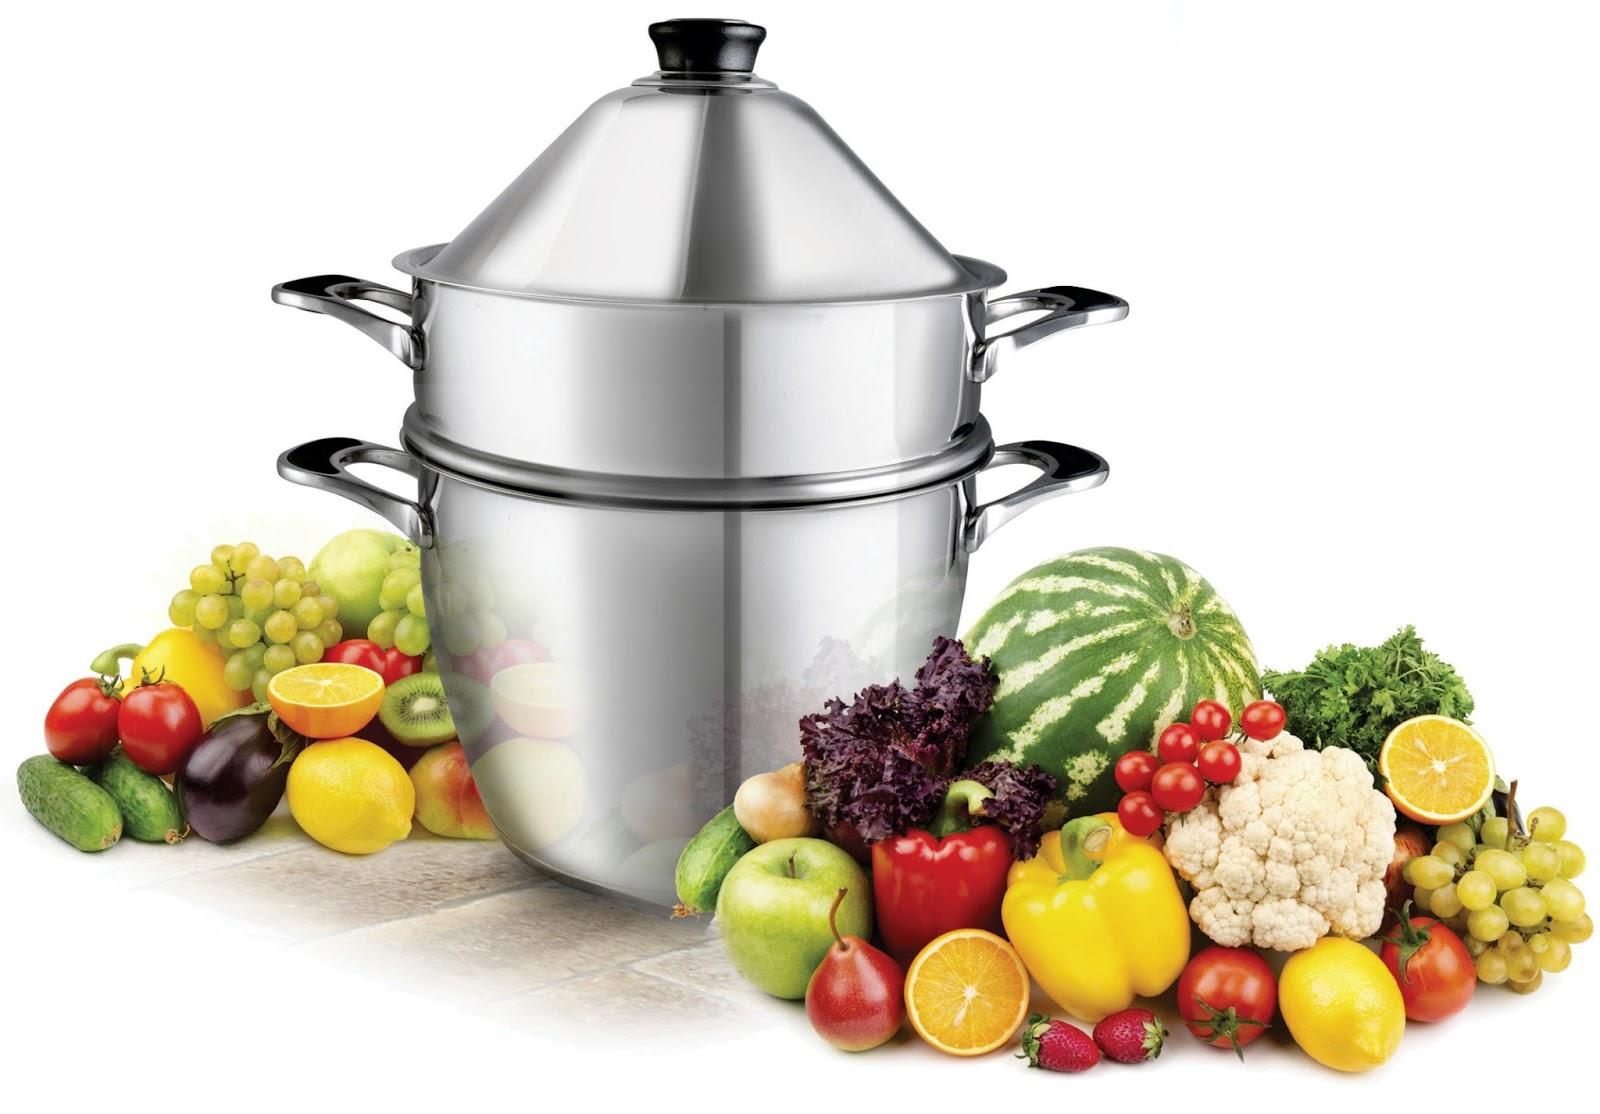 Nature et vitalit le vapok et la cuisson la vapeur douce for Appareil cuisson vapeur douce